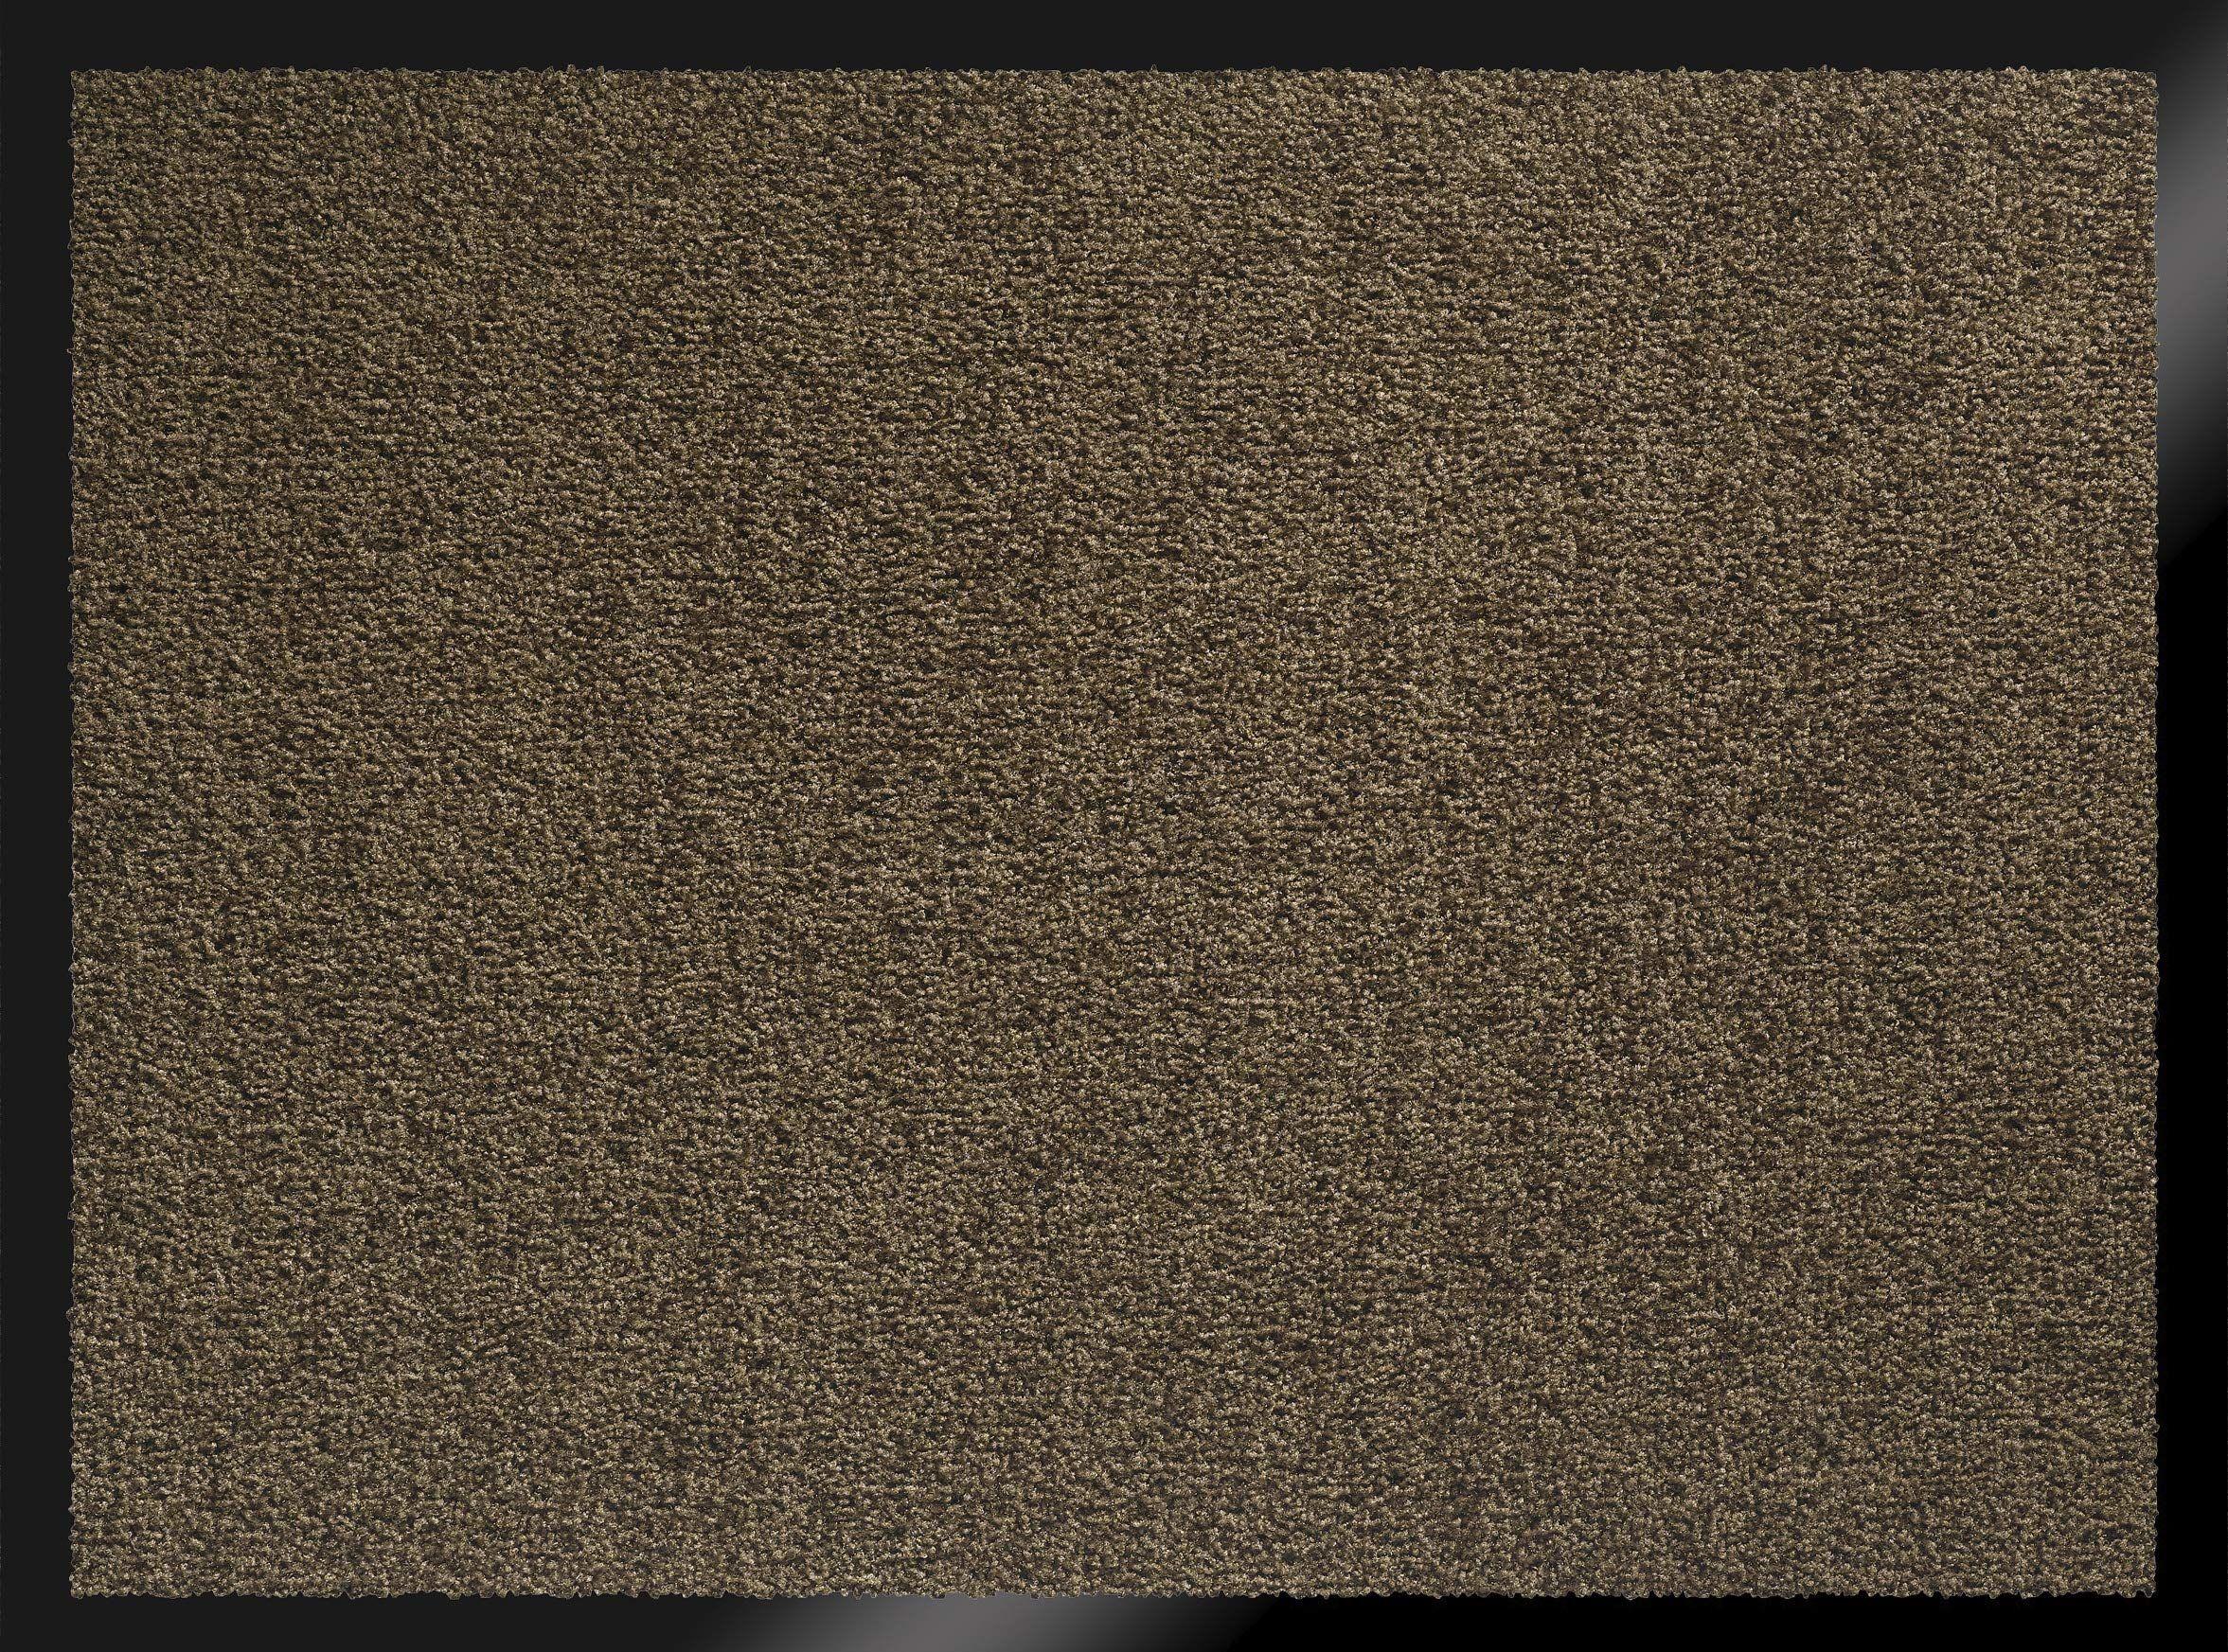 ID Matte 608005 Mirande wycieraczka włókno nylonowe/guma PCW 80 x 60 cm), brązowa, 60 x 80 cm